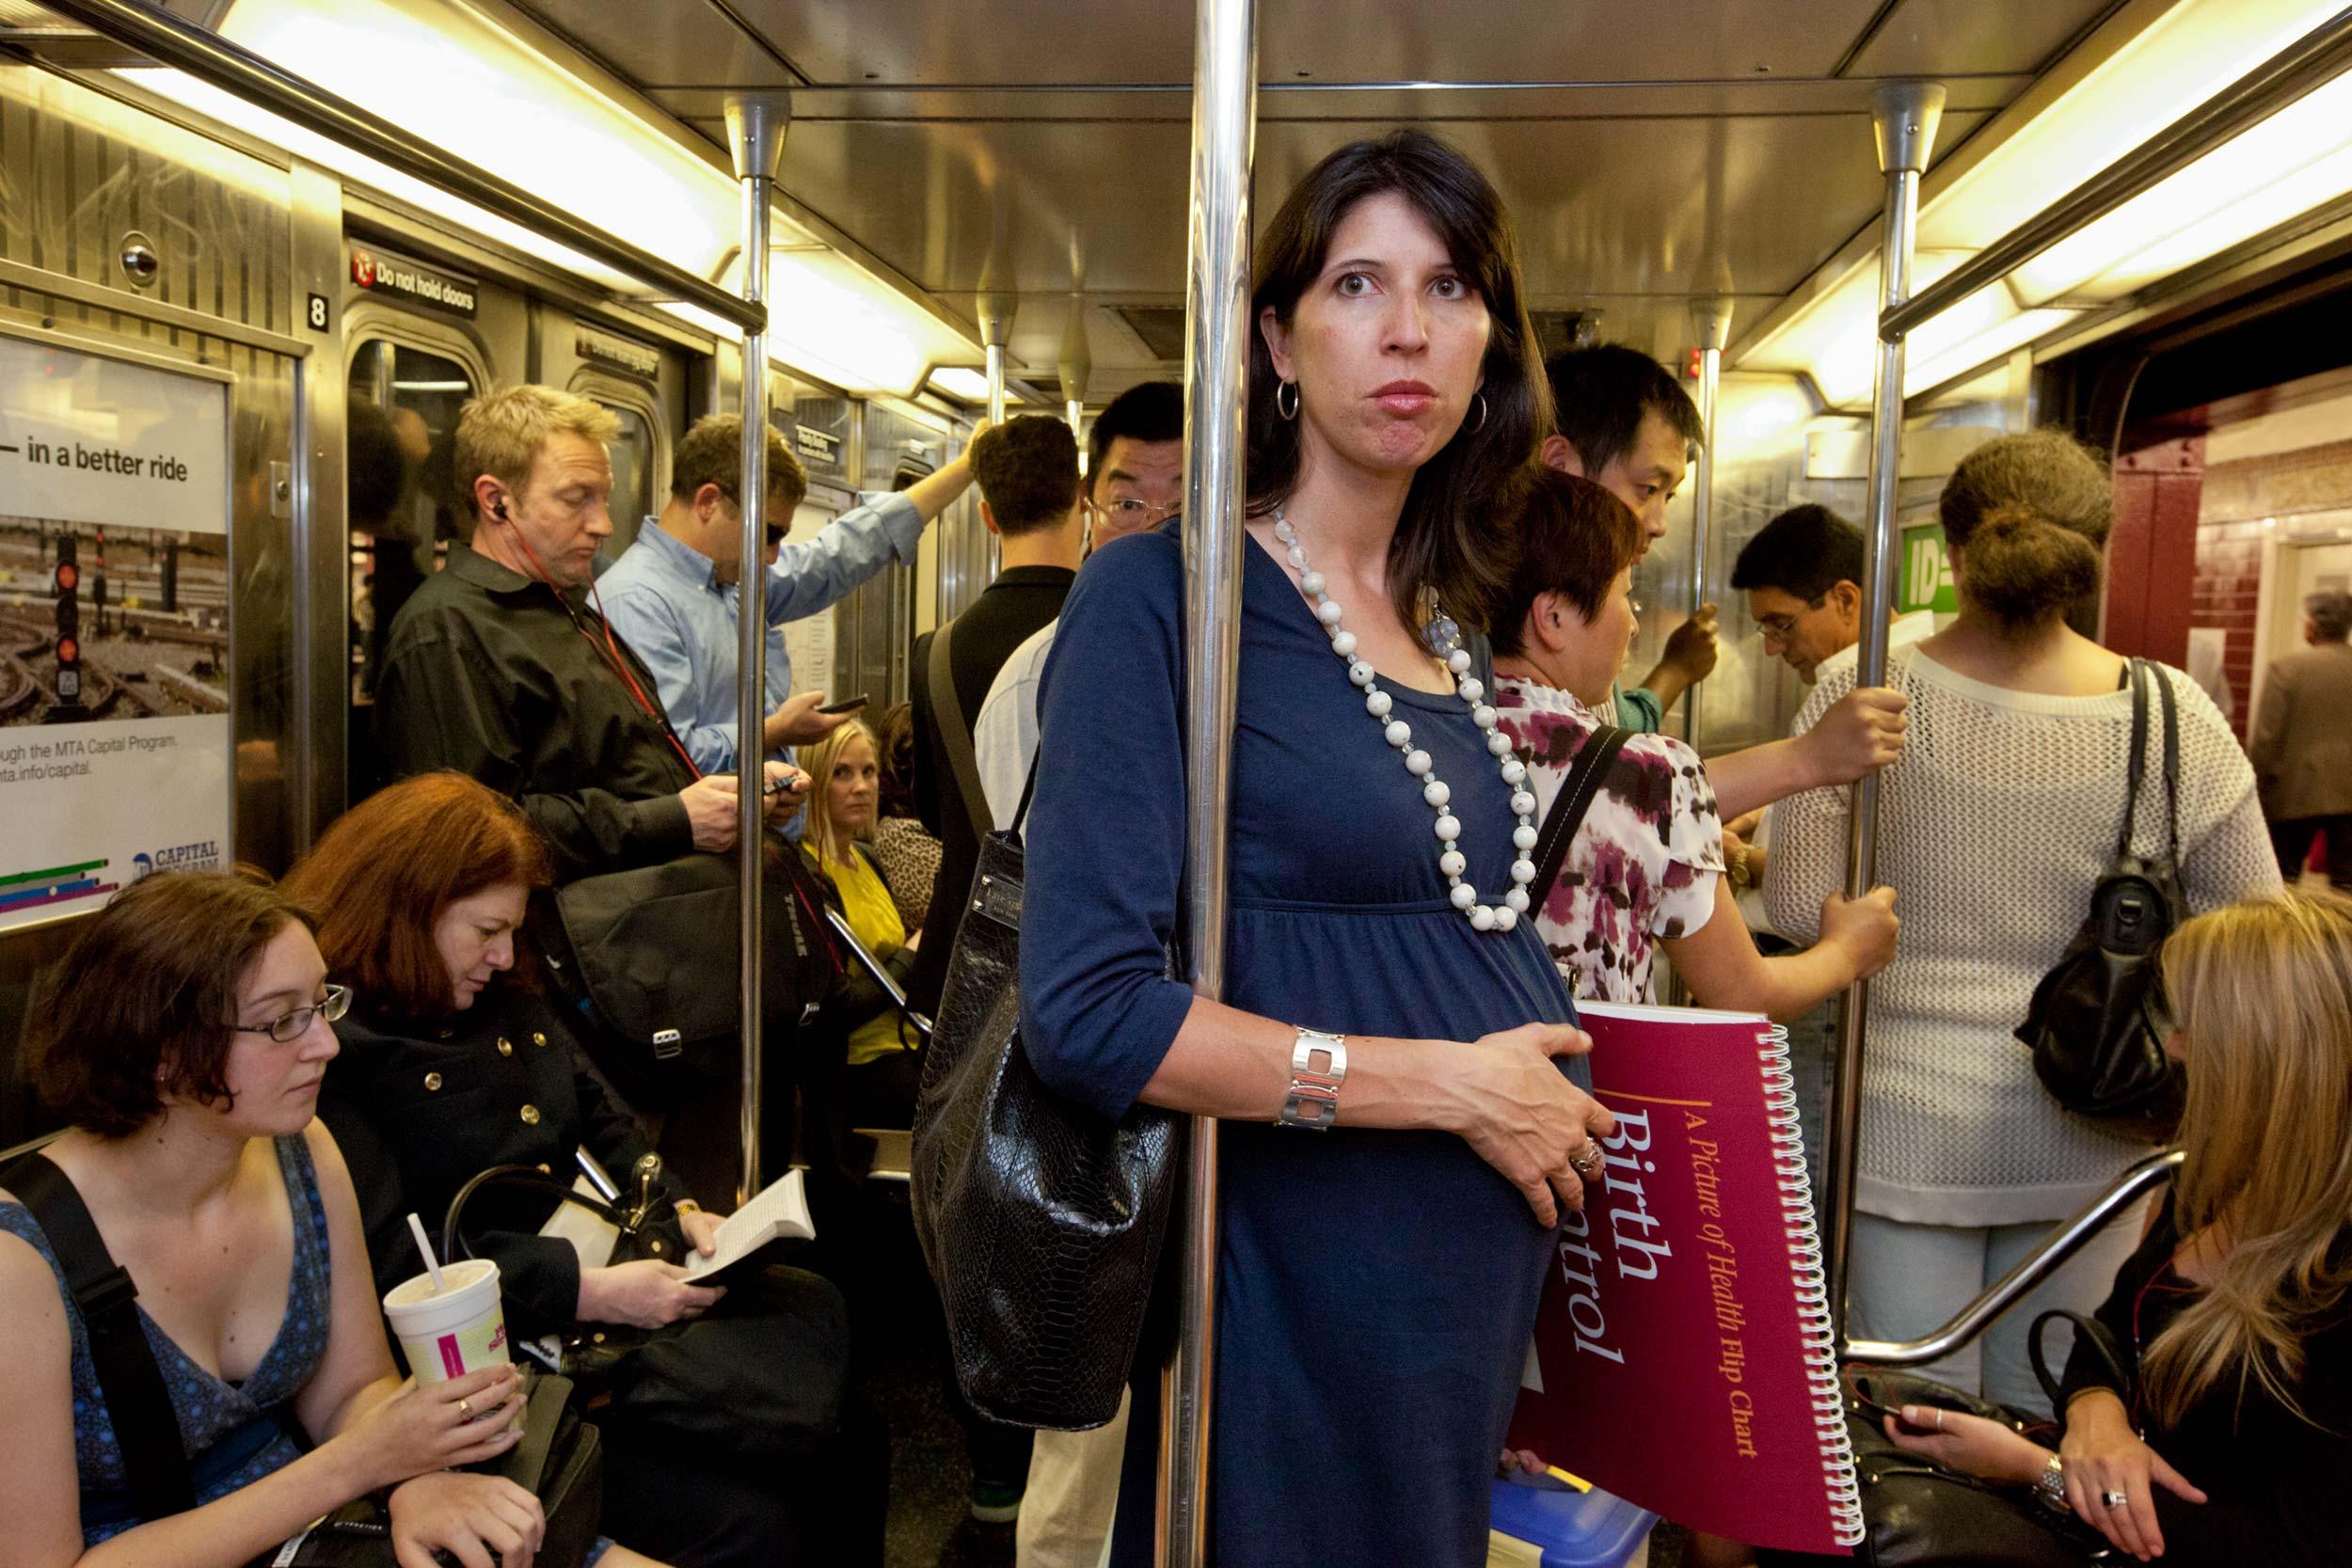 showing-slideshow-subway-lori-grinker.jpg